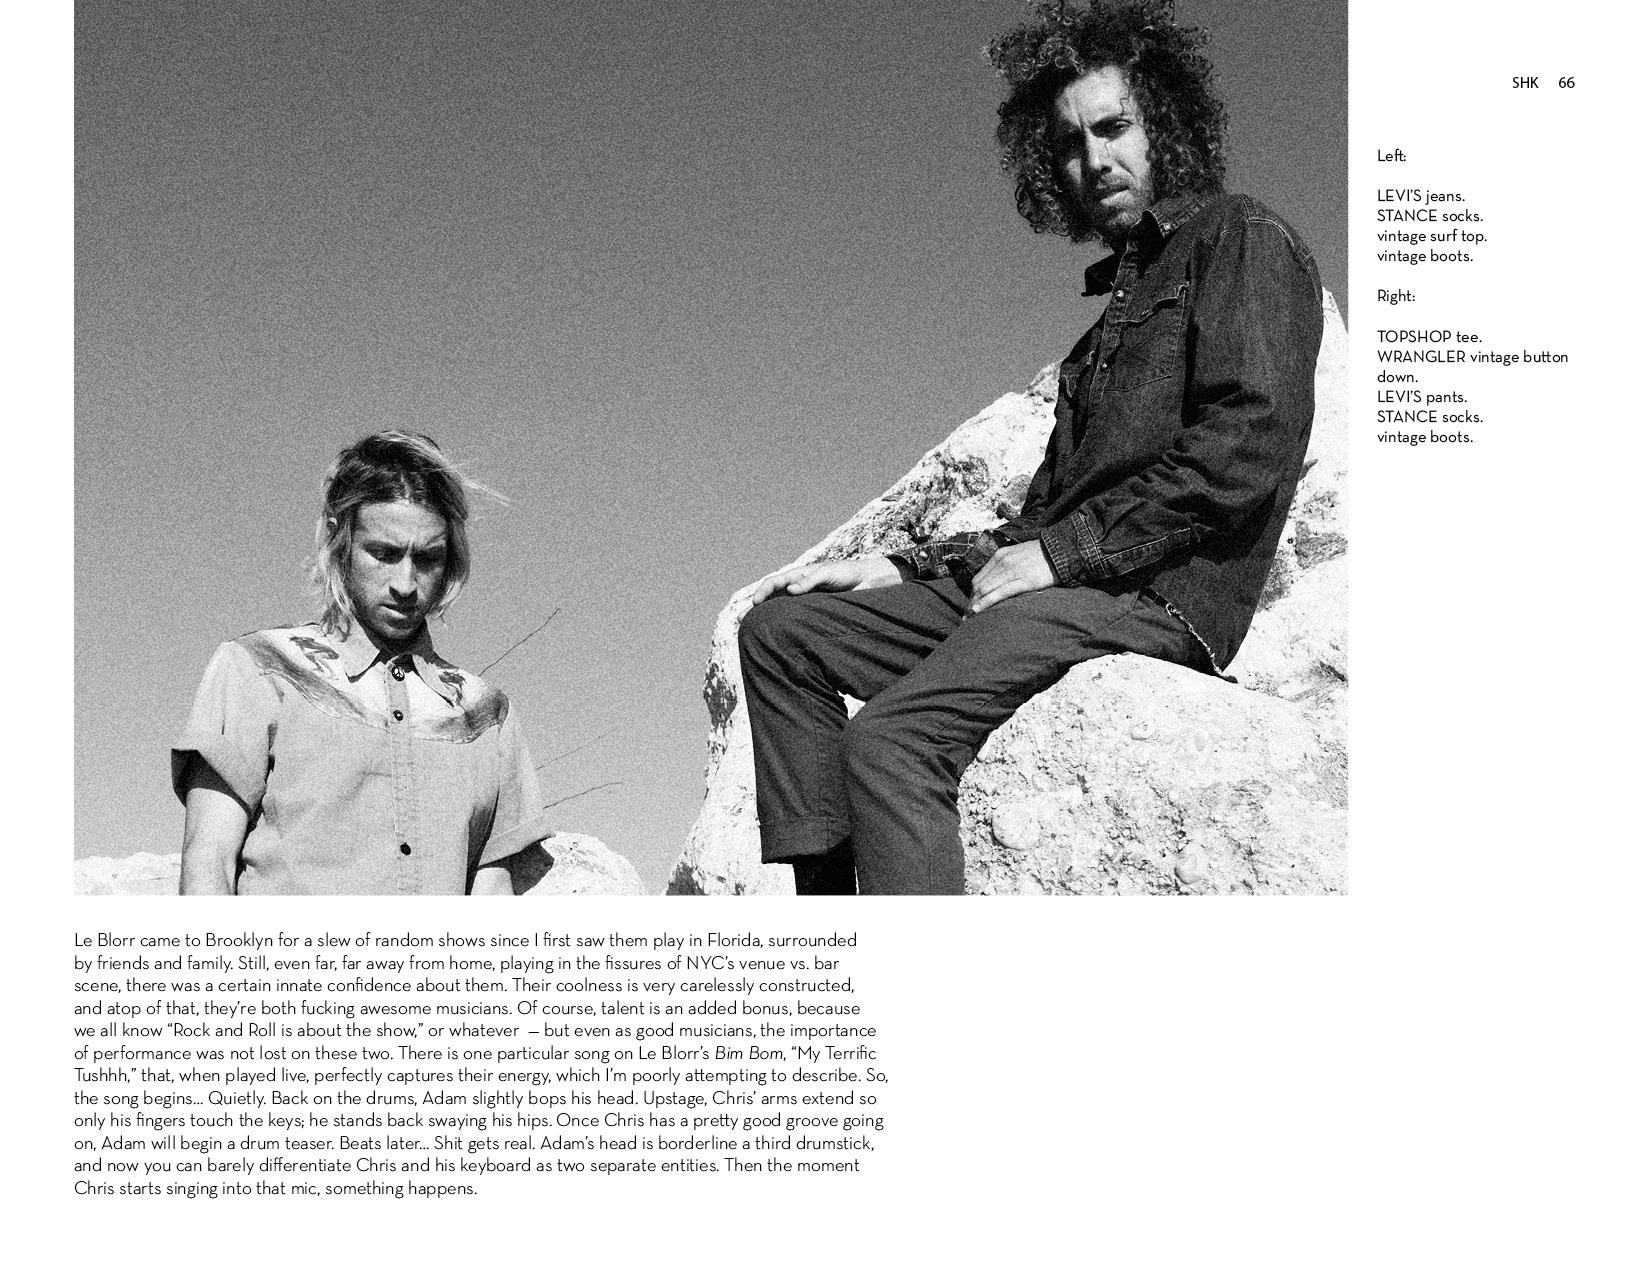 SHK-Summer-Issue-Summer-Needs-No-Explaination-201366.jpg